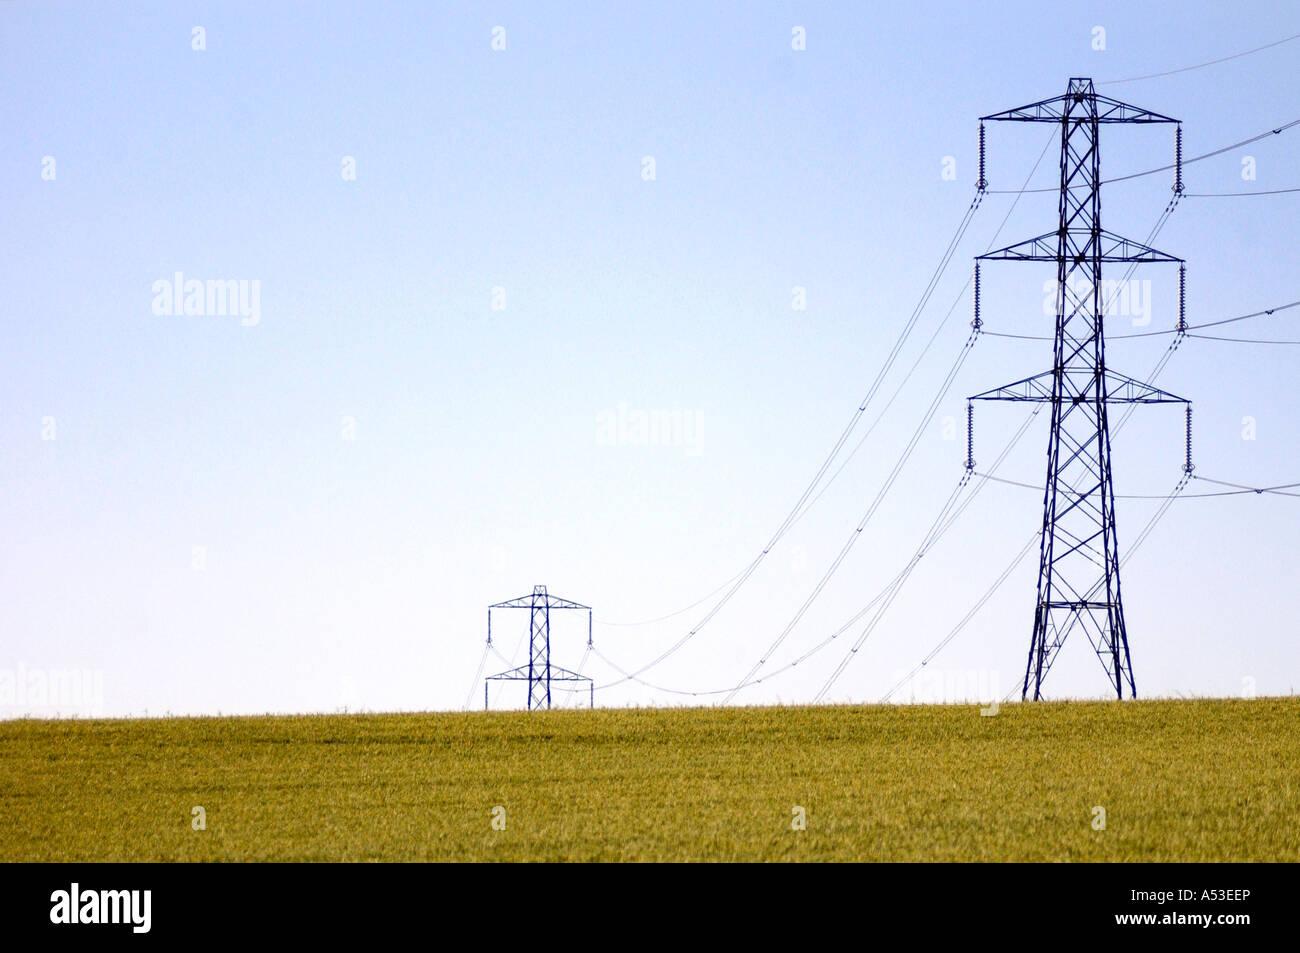 British pilone nel campo degli agricoltori UK mostrando la nostra impronta di carbonio con potenza elettrica pilone Immagini Stock